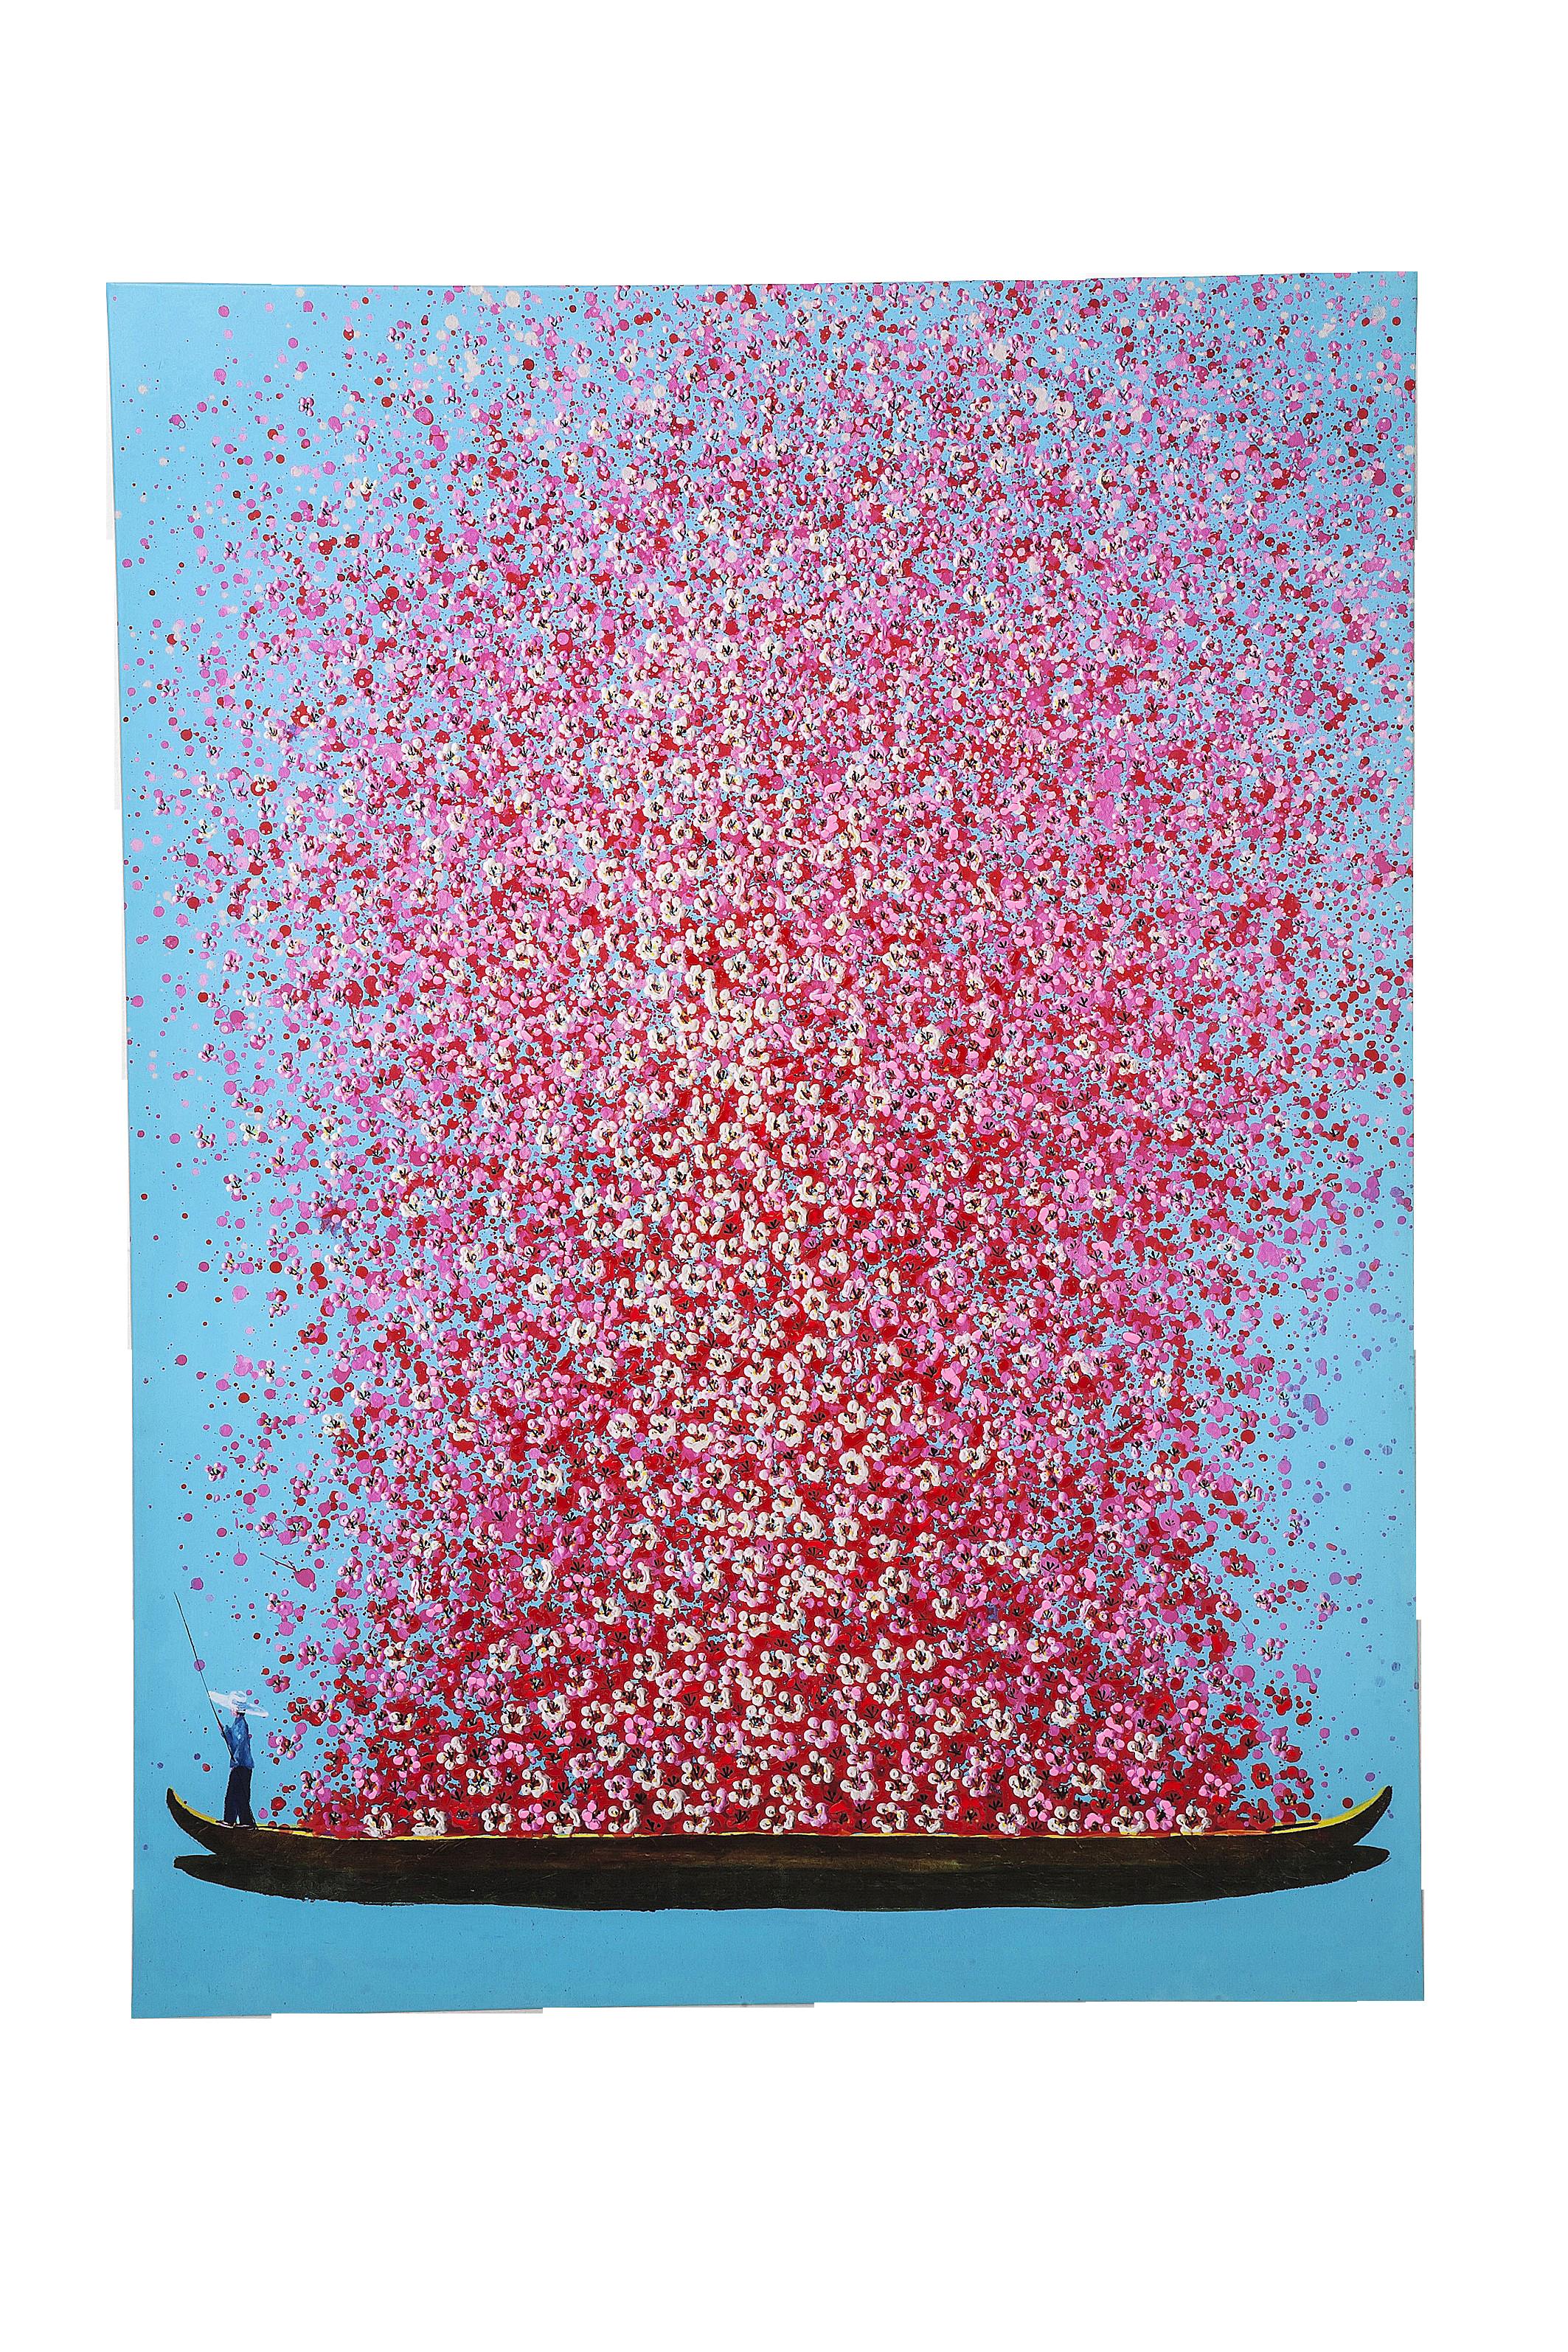 Bild Touched Flower Boat Blau Pink 160x120cm